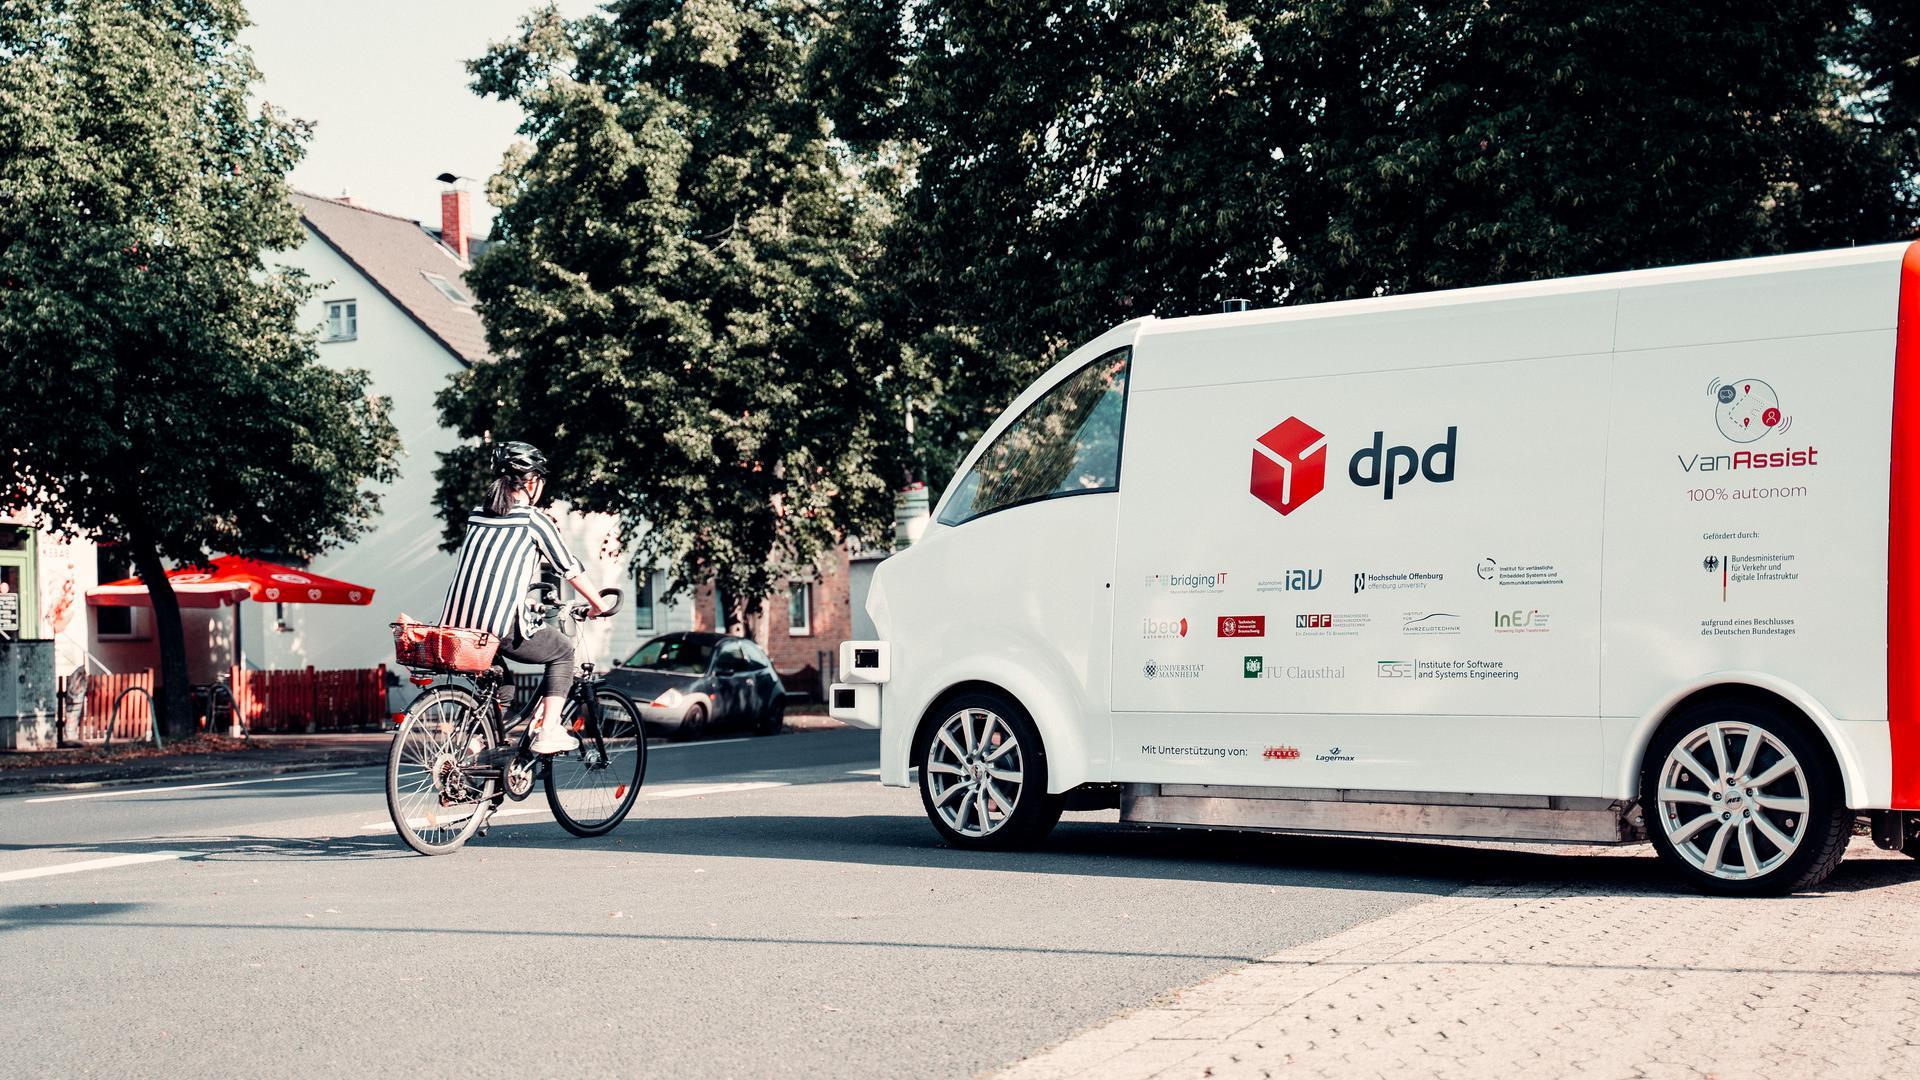 Das im Kooperationsprojekt VanAssist entwickelte autonom fahrende Zustell-Elektrofahrzeug soll nun in Straßenverkehrs-Umgebungen getestet und weiterentwickelt werden.